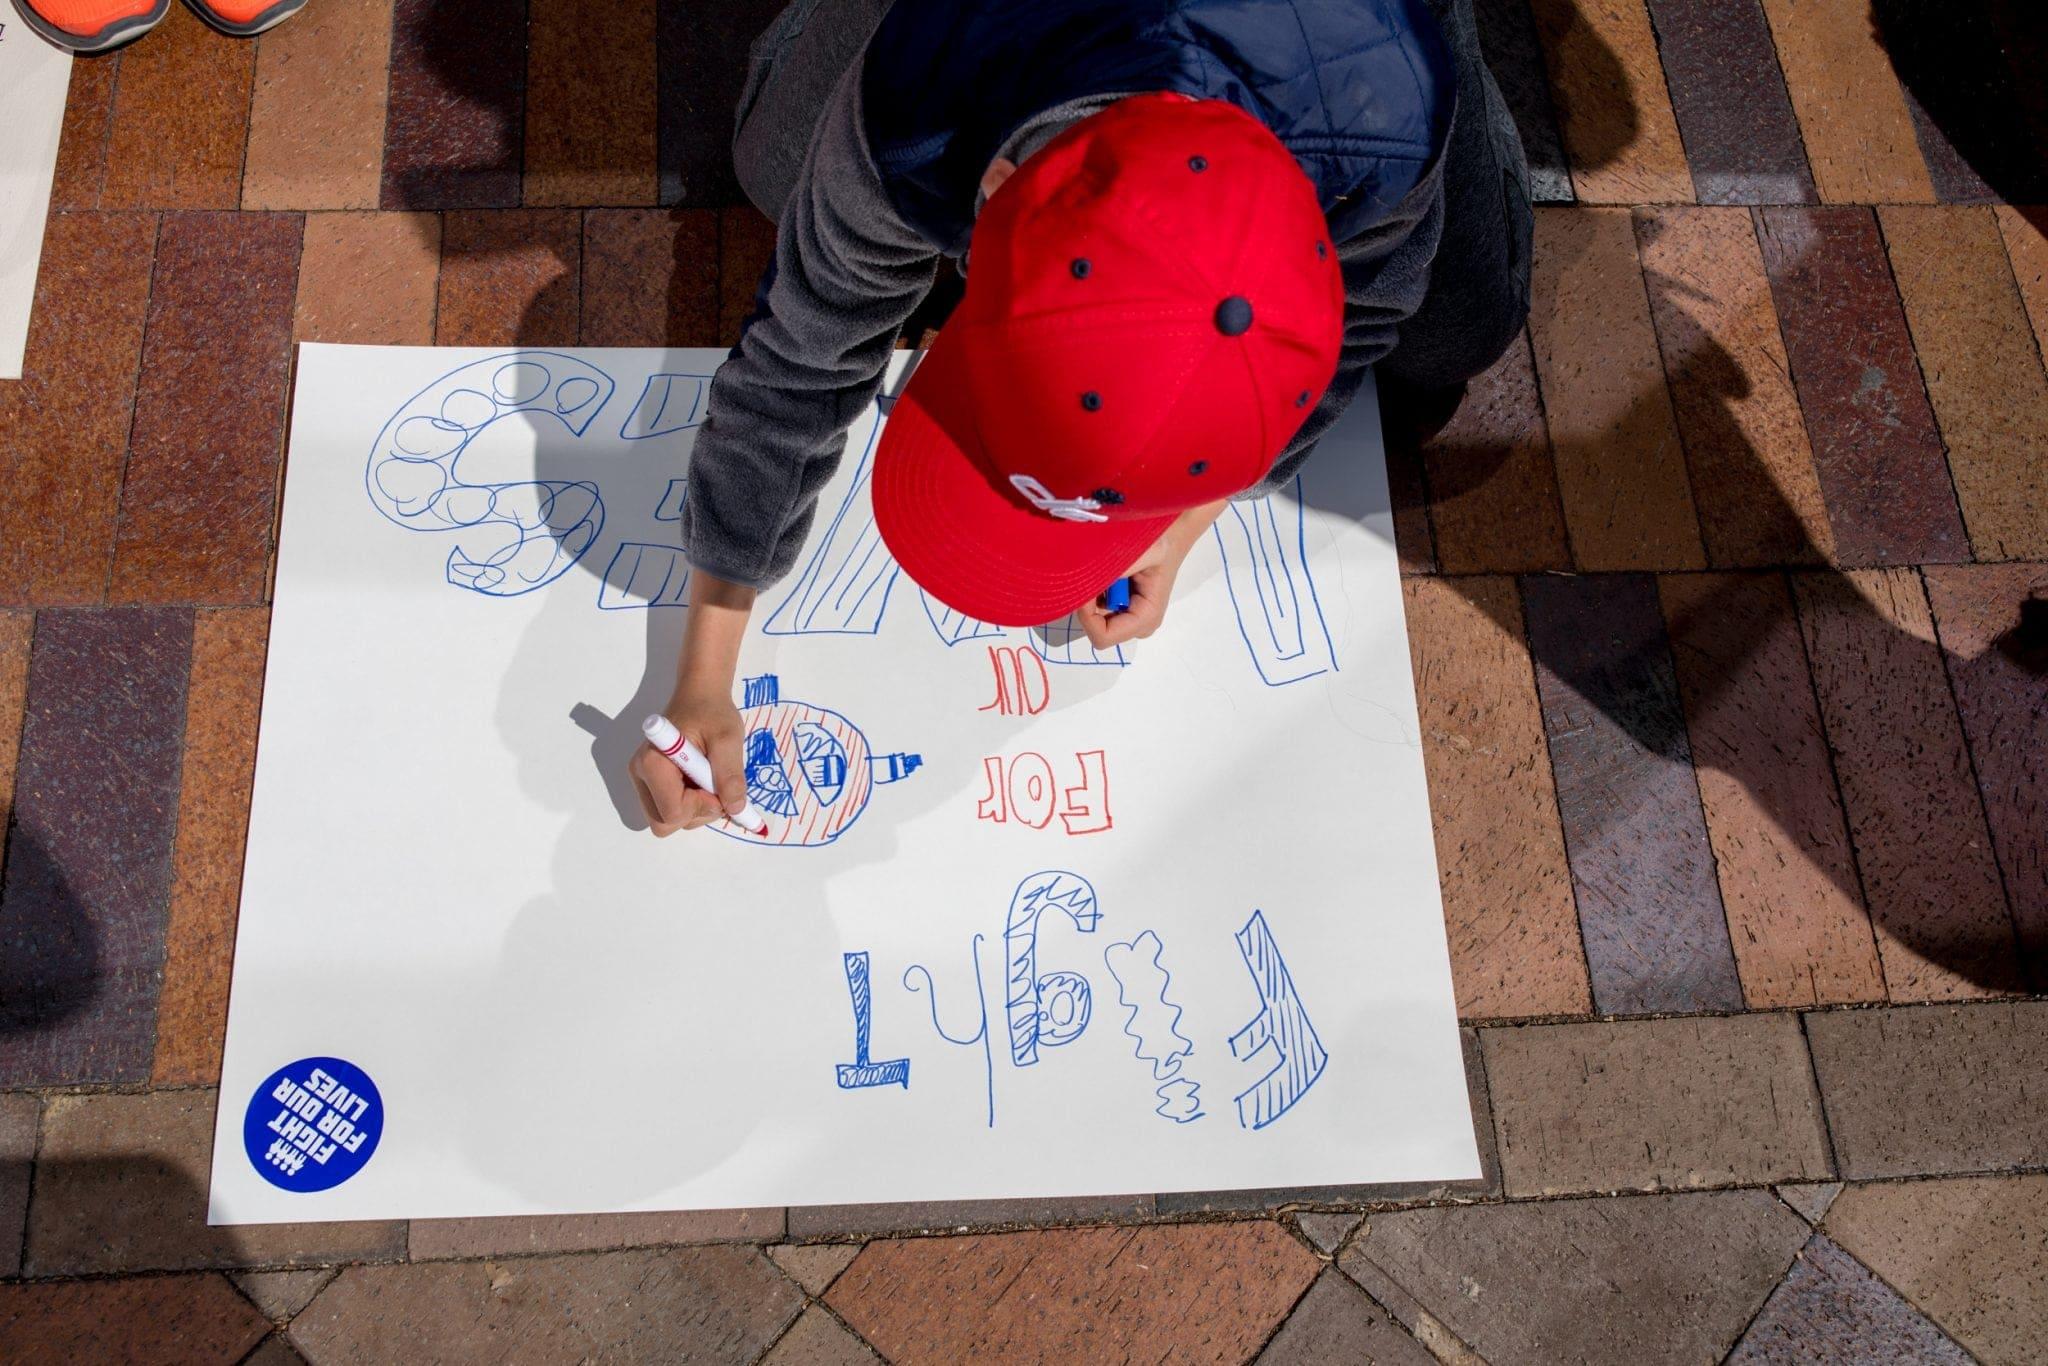 Participant makes sign